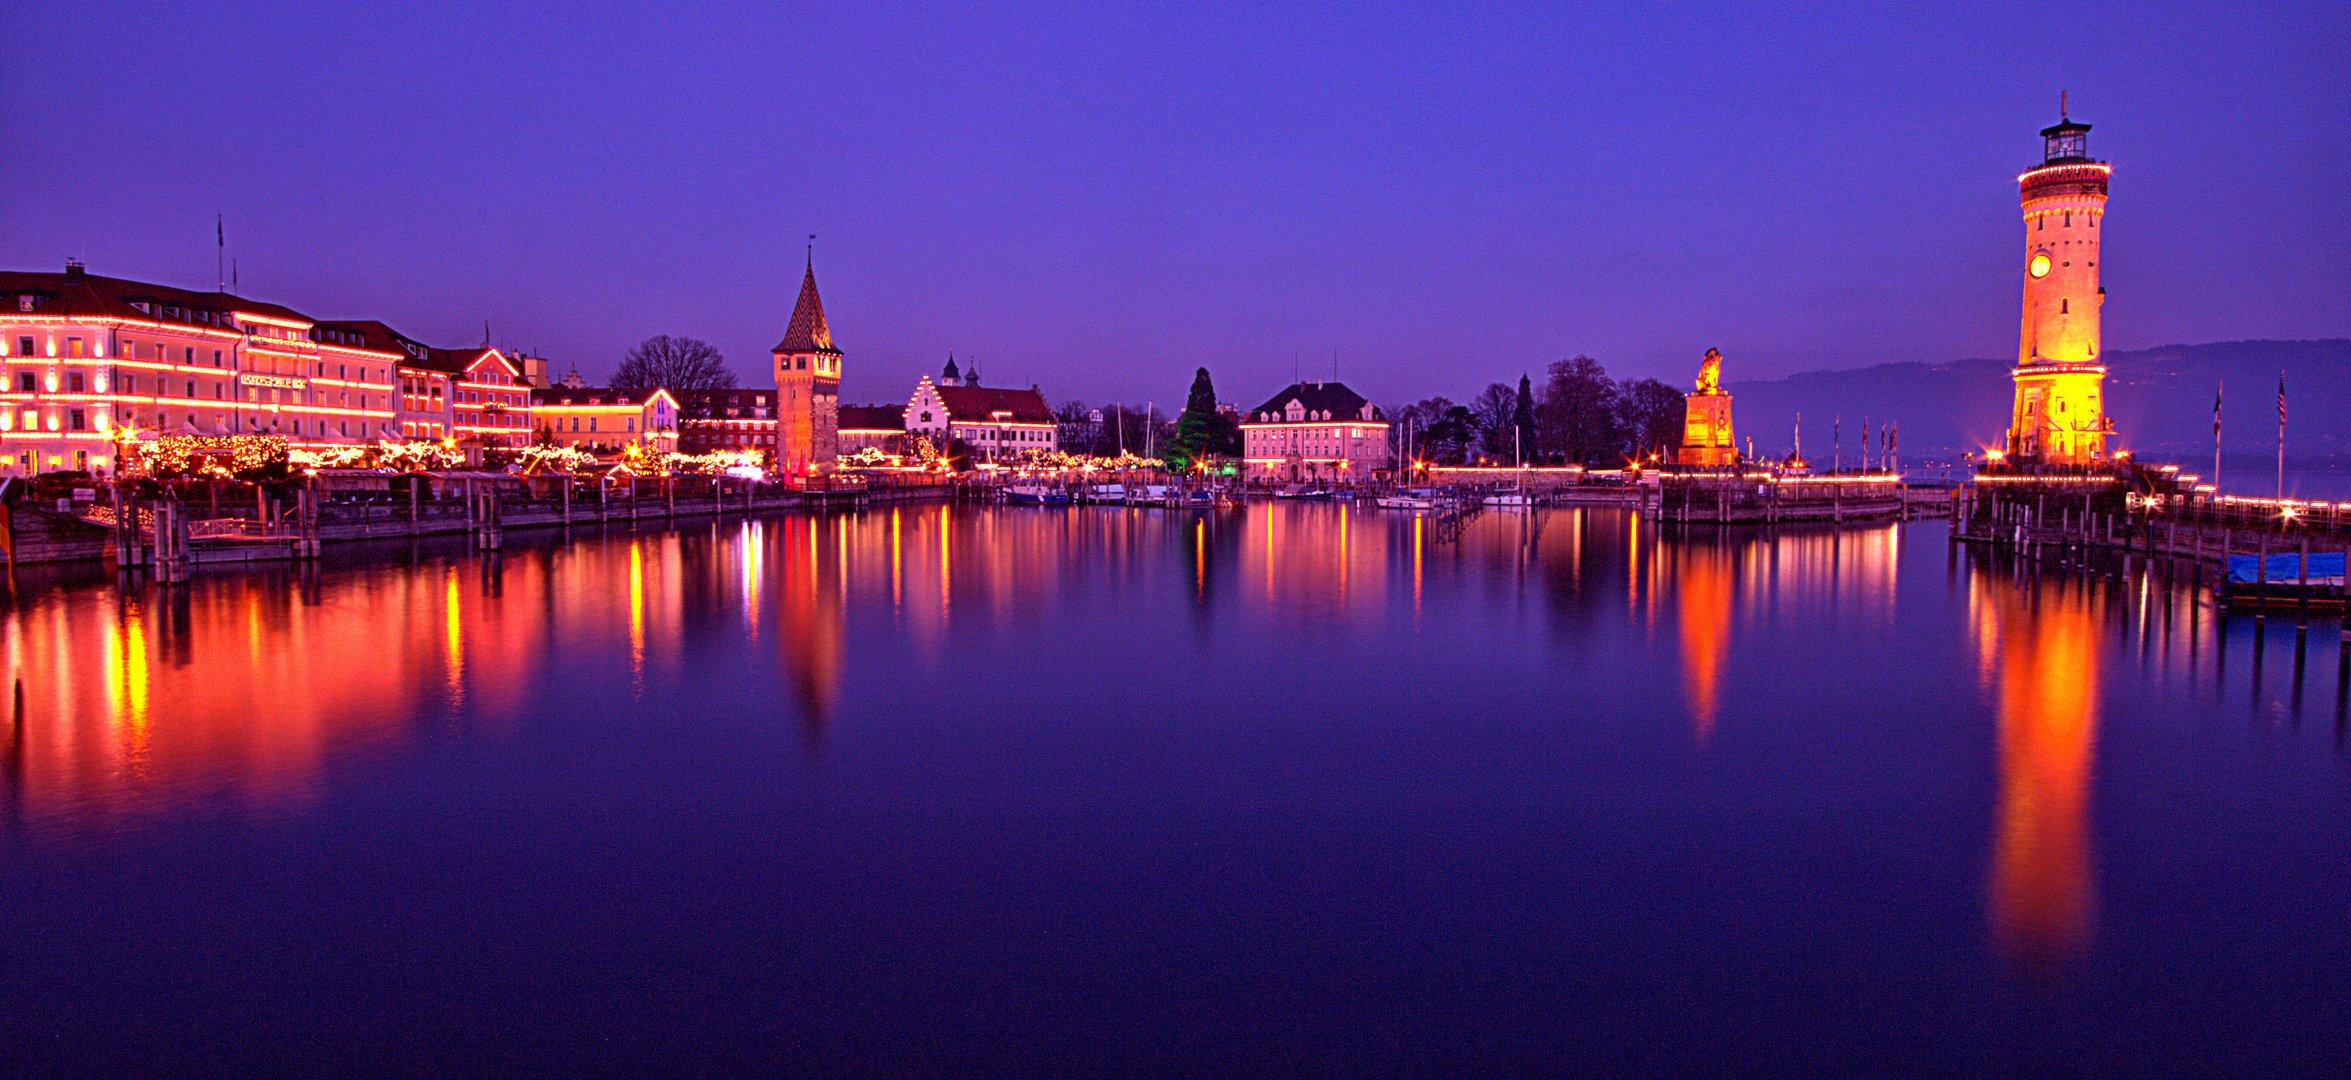 Lindau Weihnachtsmarkt.Lindauer Hafenweihnacht Foto Bild Wasser Hafen Turm Bilder Auf